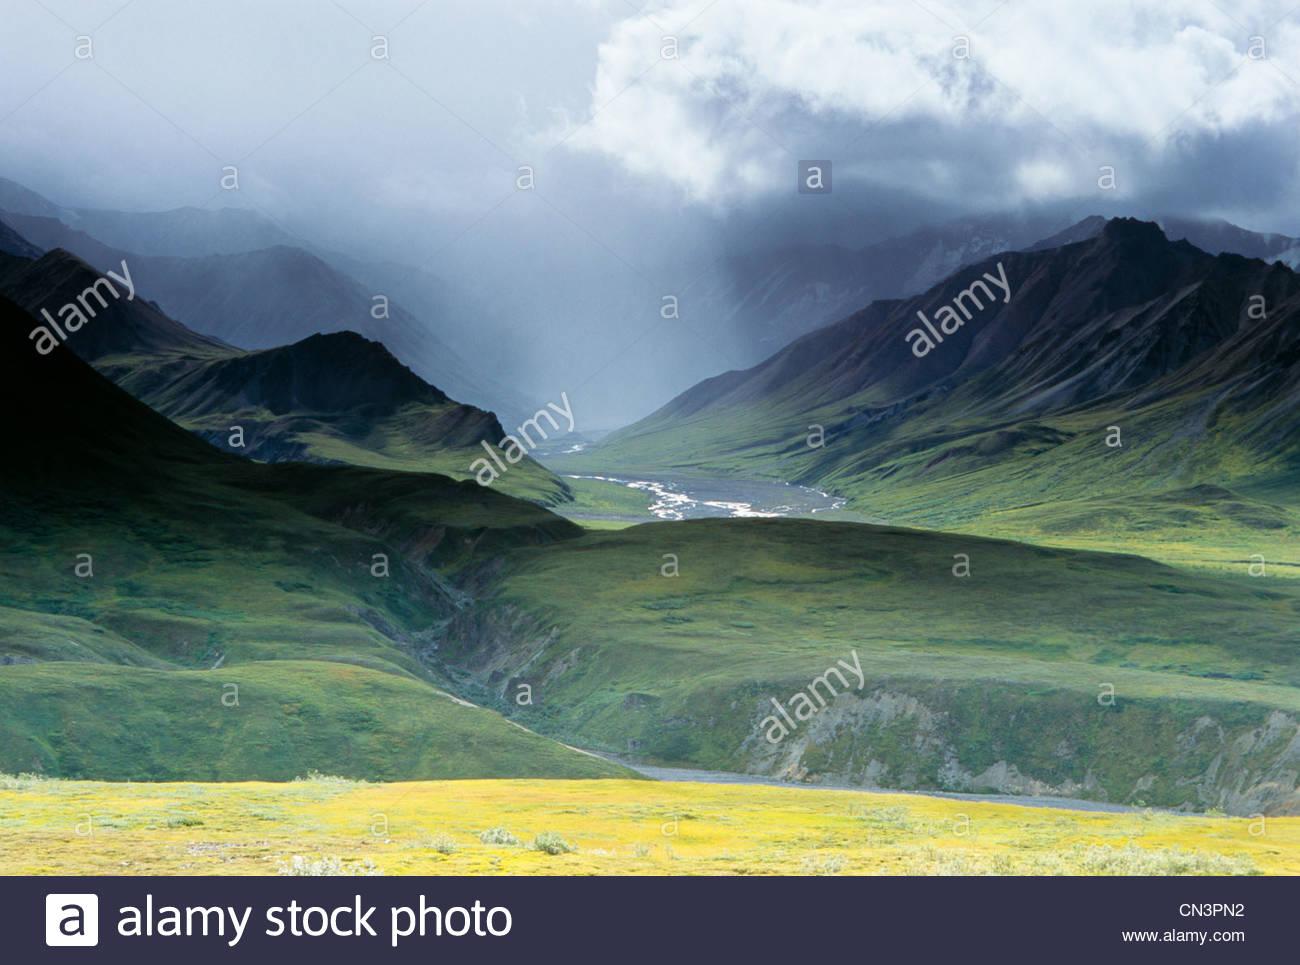 Polychrome Pass, Denali National Park, Alaska, USA - Stock Image